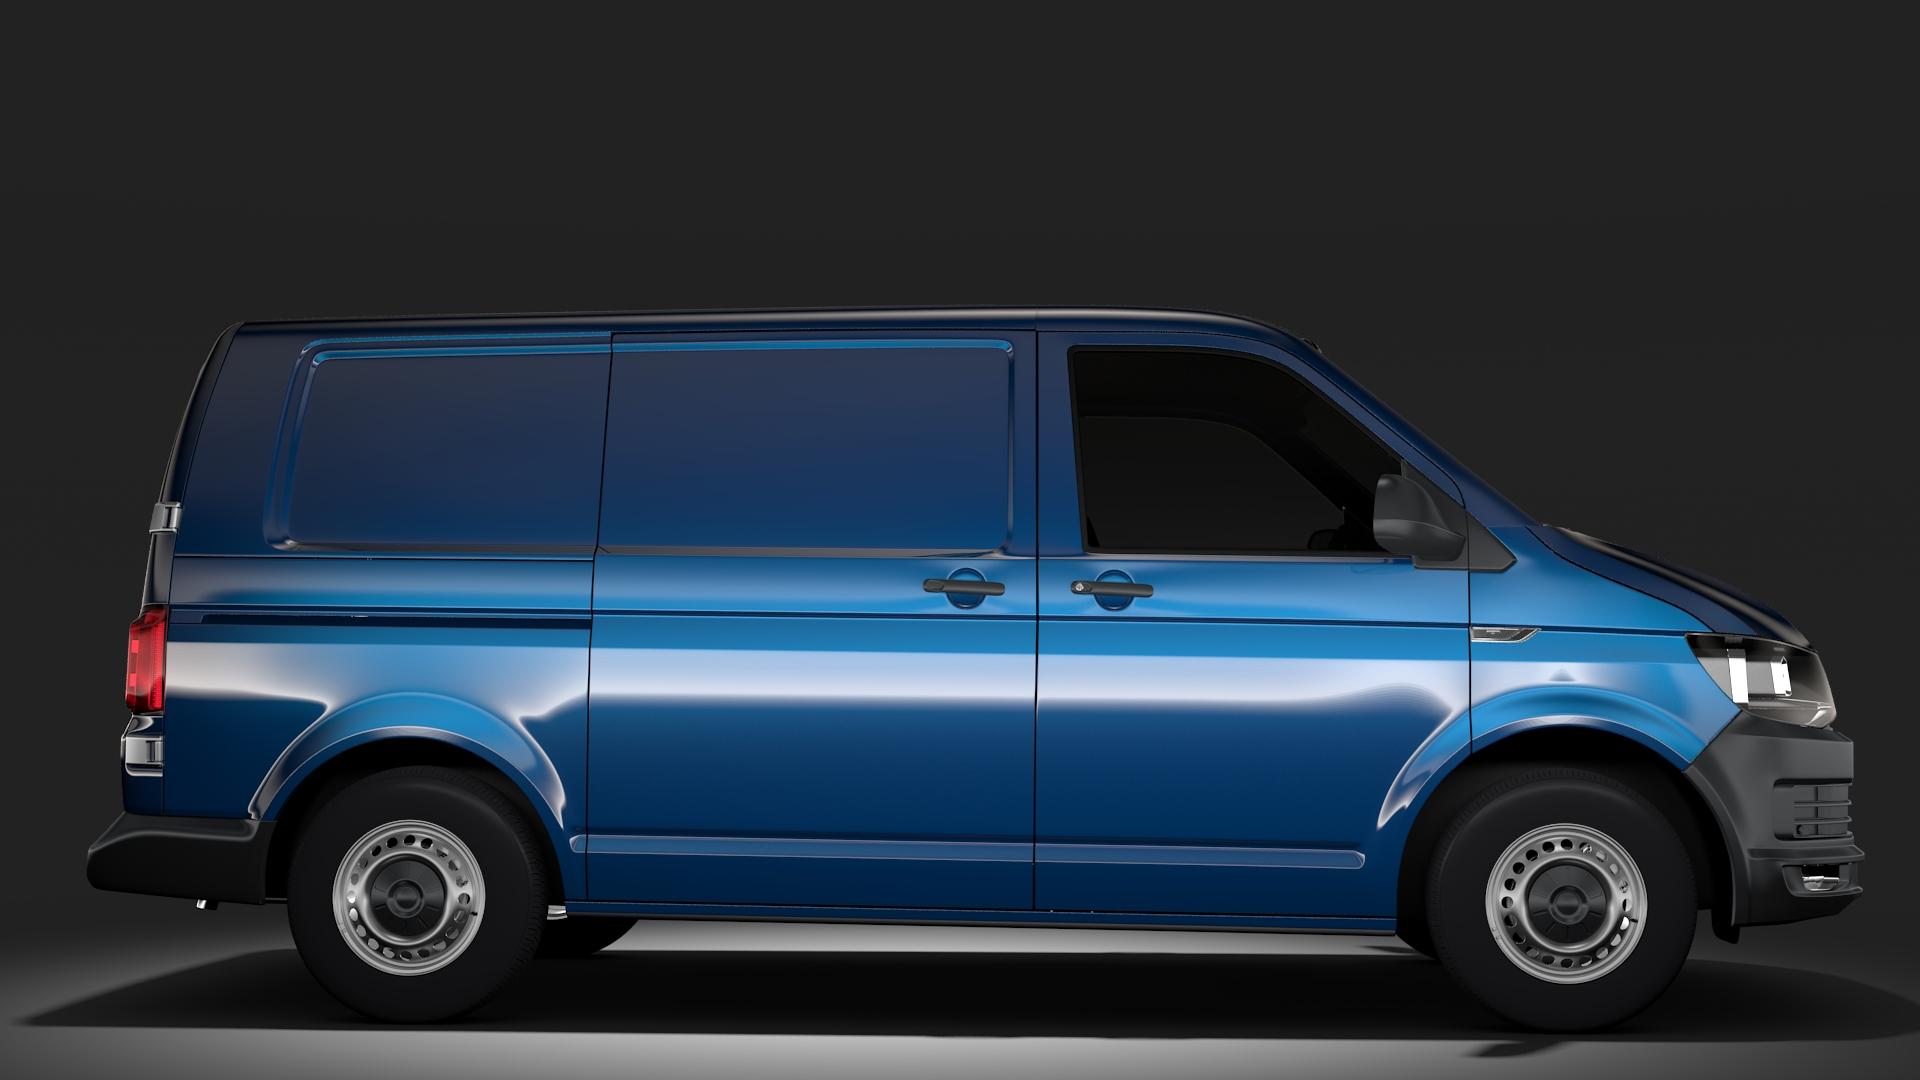 volkswagen transporter van l1h1 t6 2017 3d model fbx c4d lwo ma mb hrc xsi obj 275128